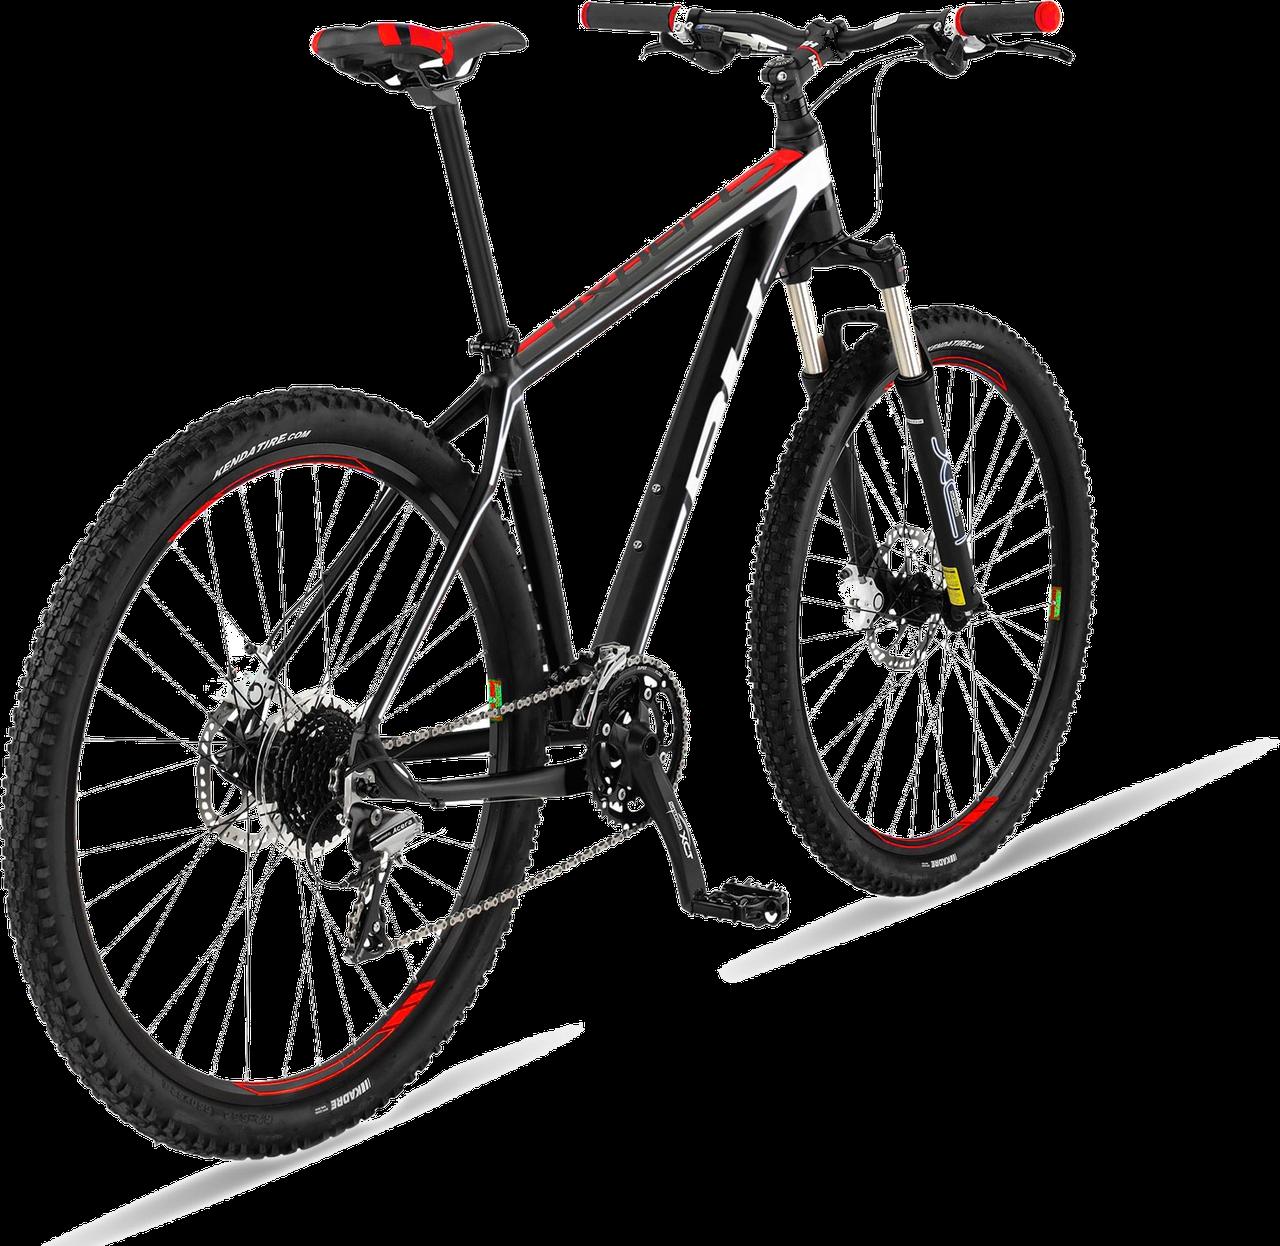 """Велосипед горный BH - Expert 27,5"""" XCM SH Acera 27V 2017 Black/Red, р.L (BH A2477.N60-L)(Размер M)"""